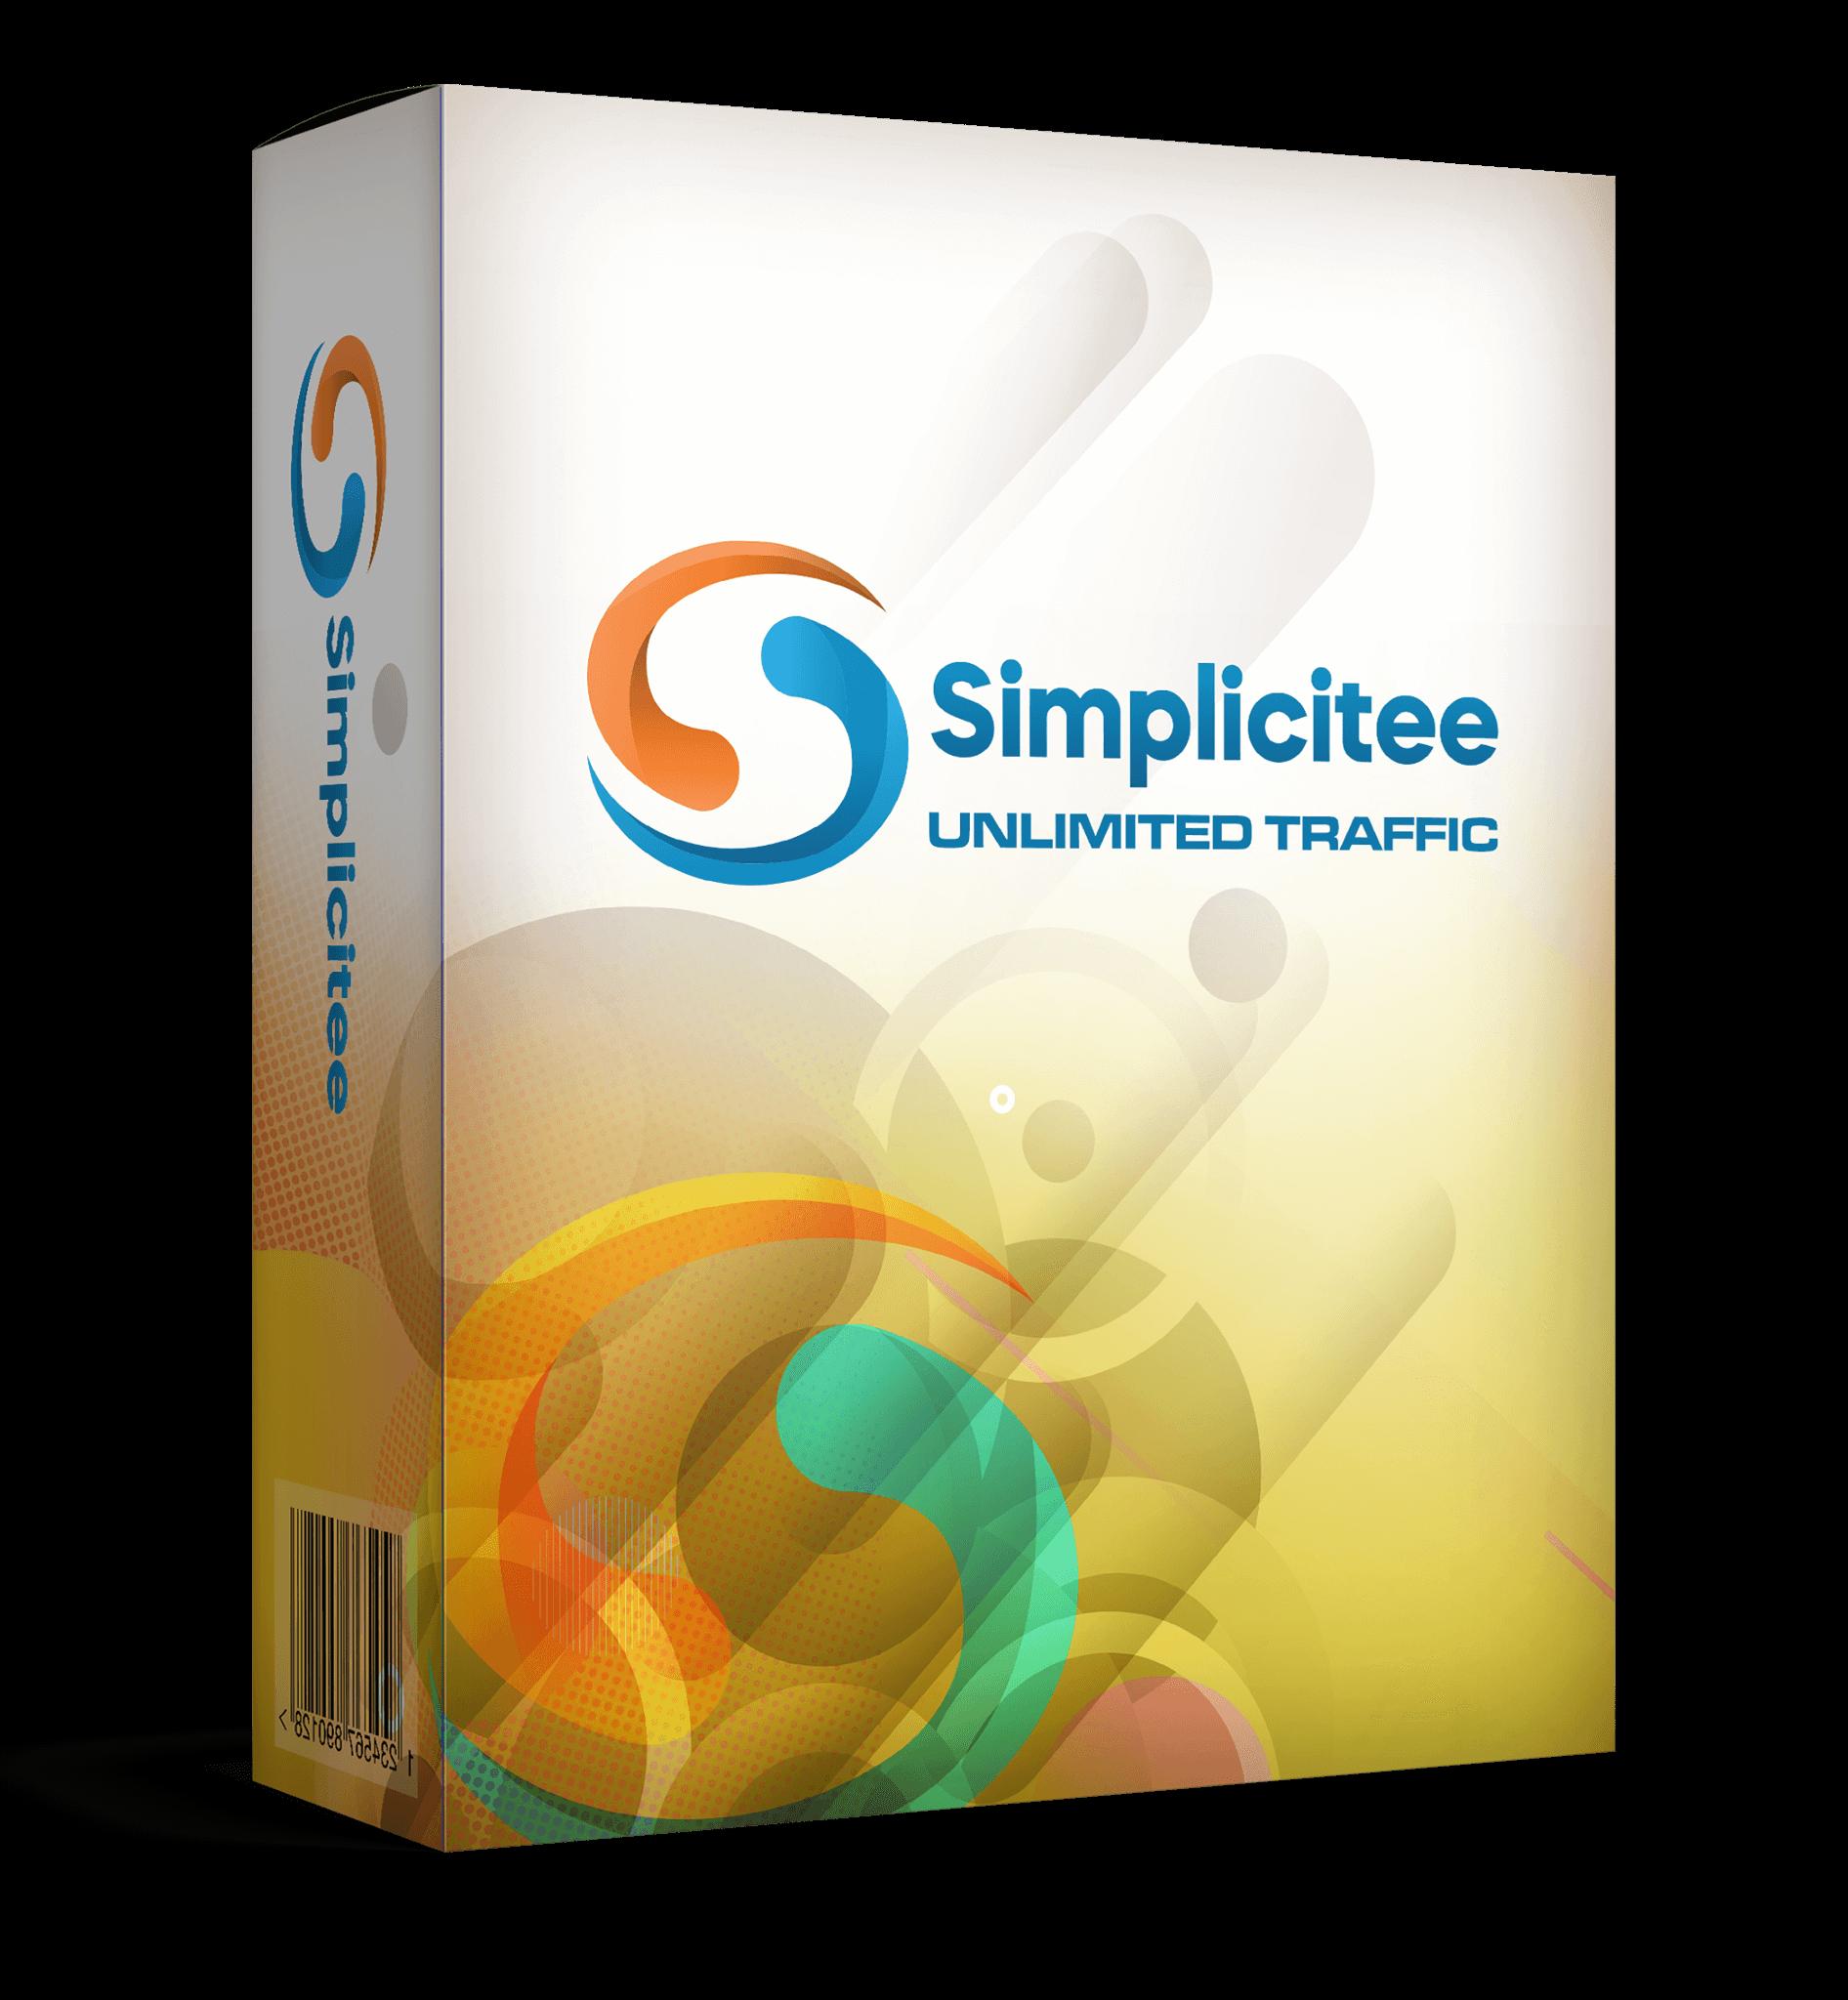 Simplicitee-oto-4